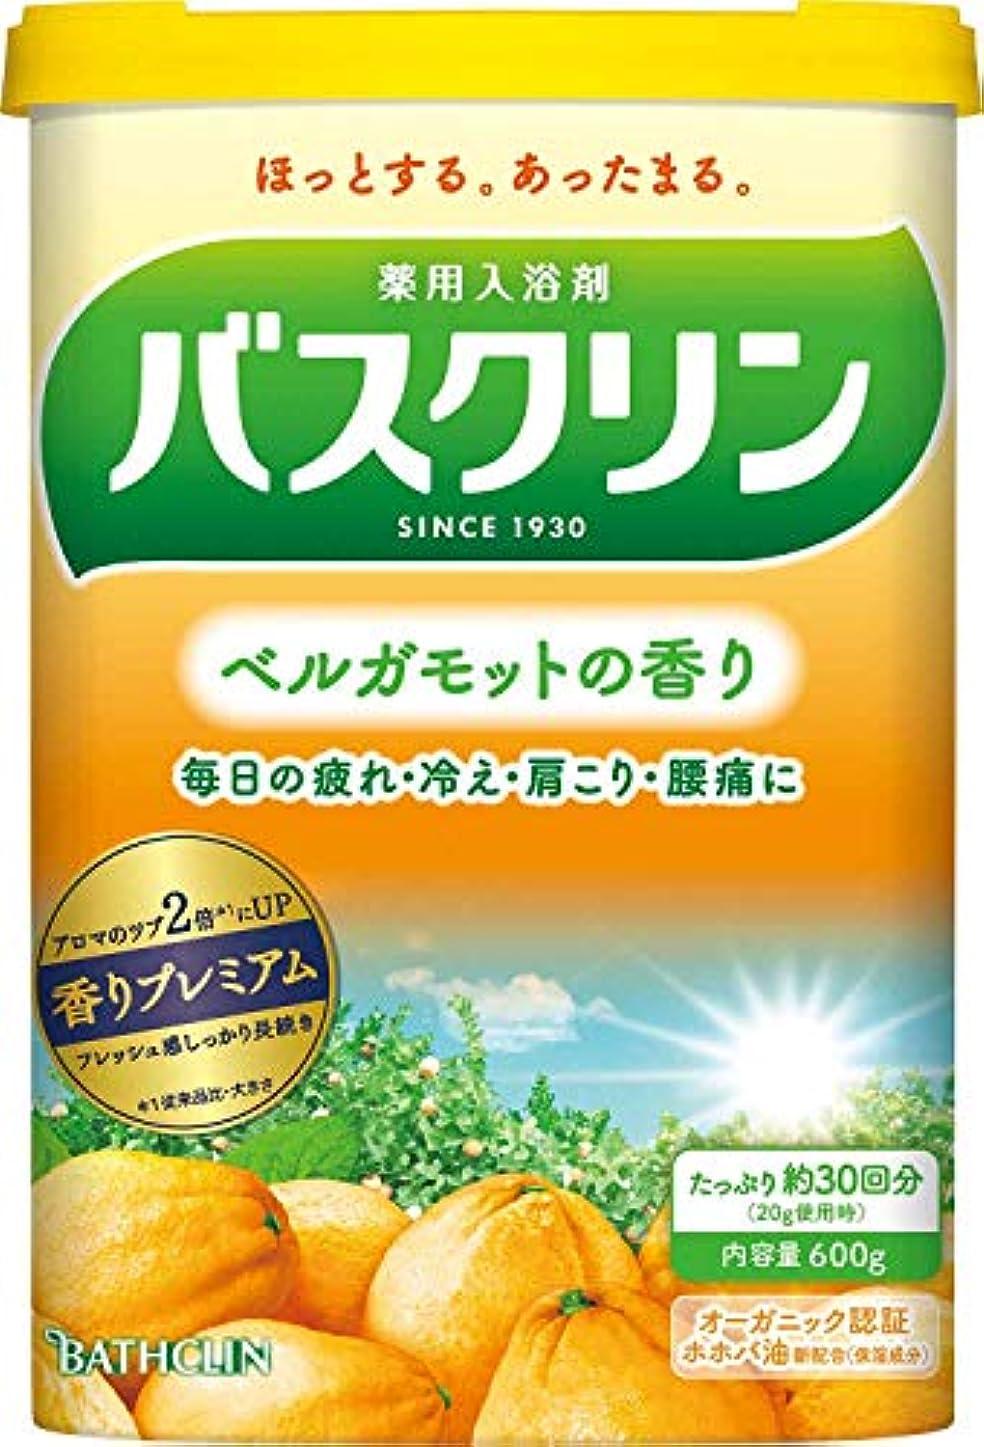 植物学者用心するバーマド【医薬部外品】バスクリン入浴剤 ベルガモットの香り600g(約30回分) 疲労回復